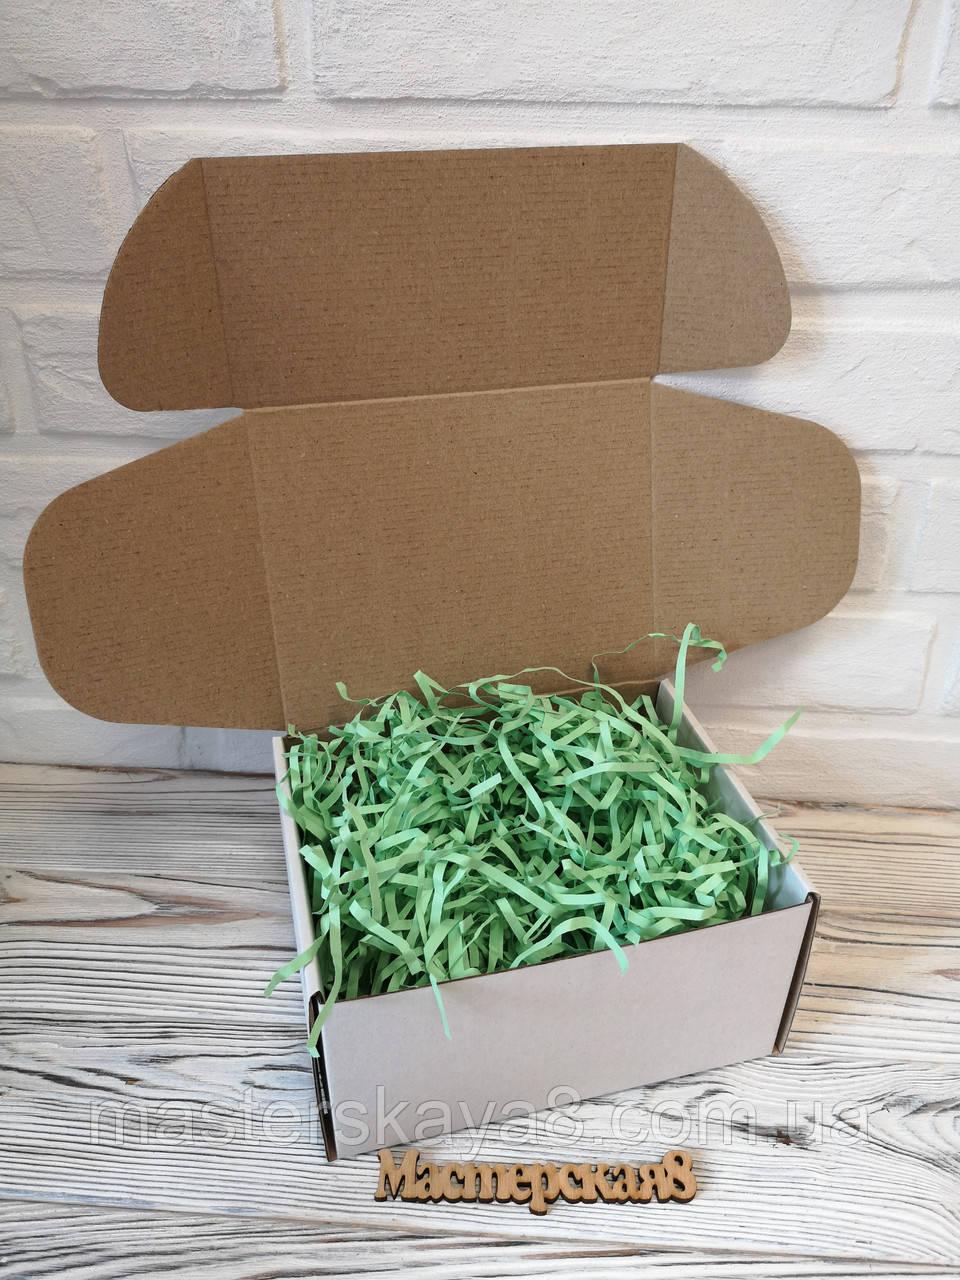 Коробка белая 190*150*100 мм для подарка с салатовым наполнителем , для сувенира, для мыла, косметики